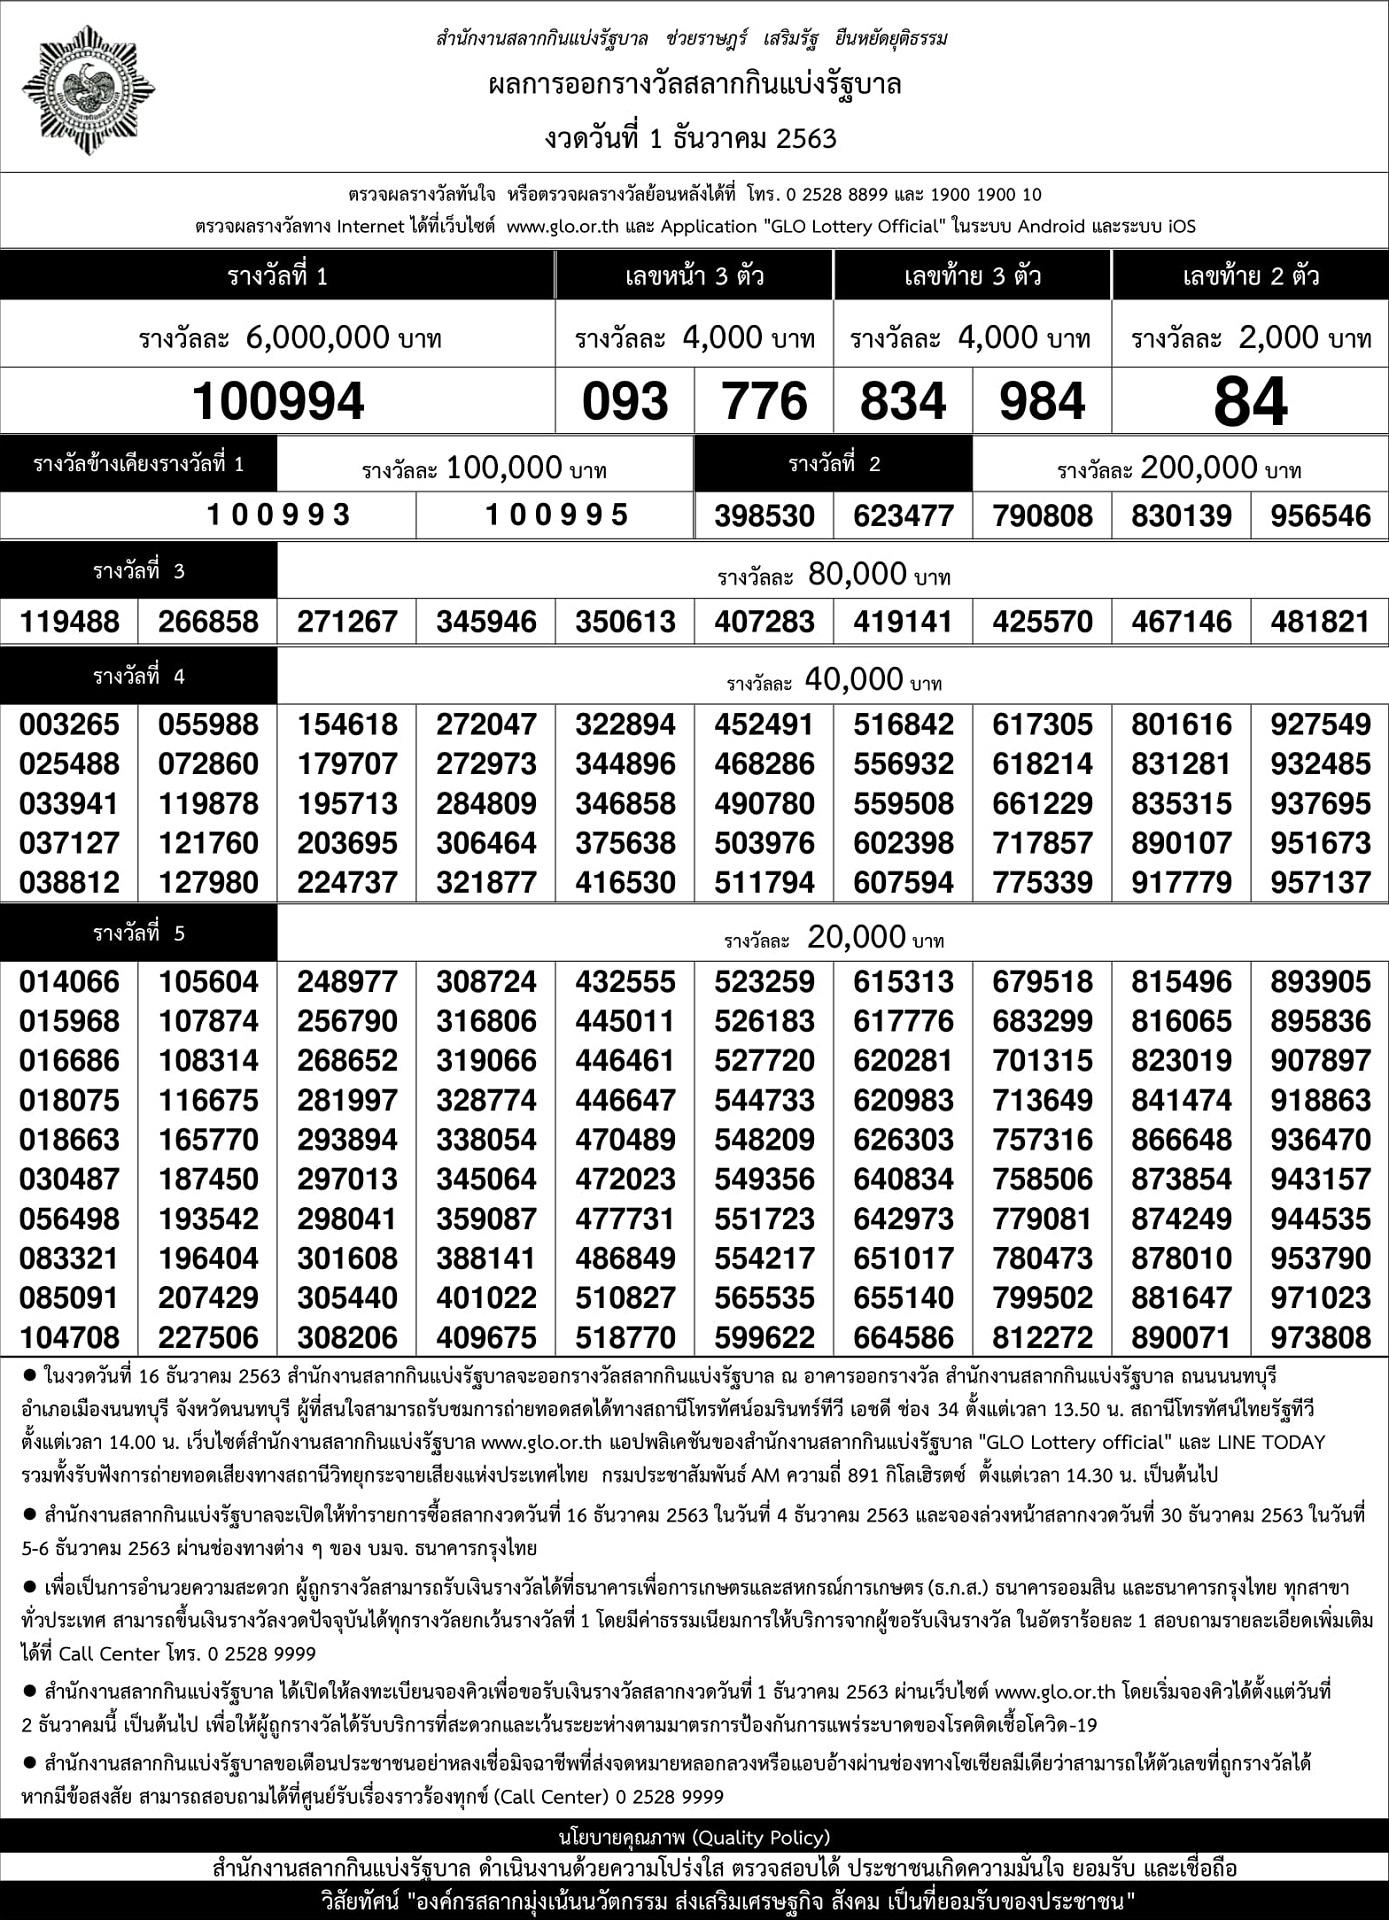 เรียงเบอร์ ฉบับมาตรฐานกองสลาก ใบตรวจหวยเรียงตัวเลข งวด 1 ธ.ค. 63